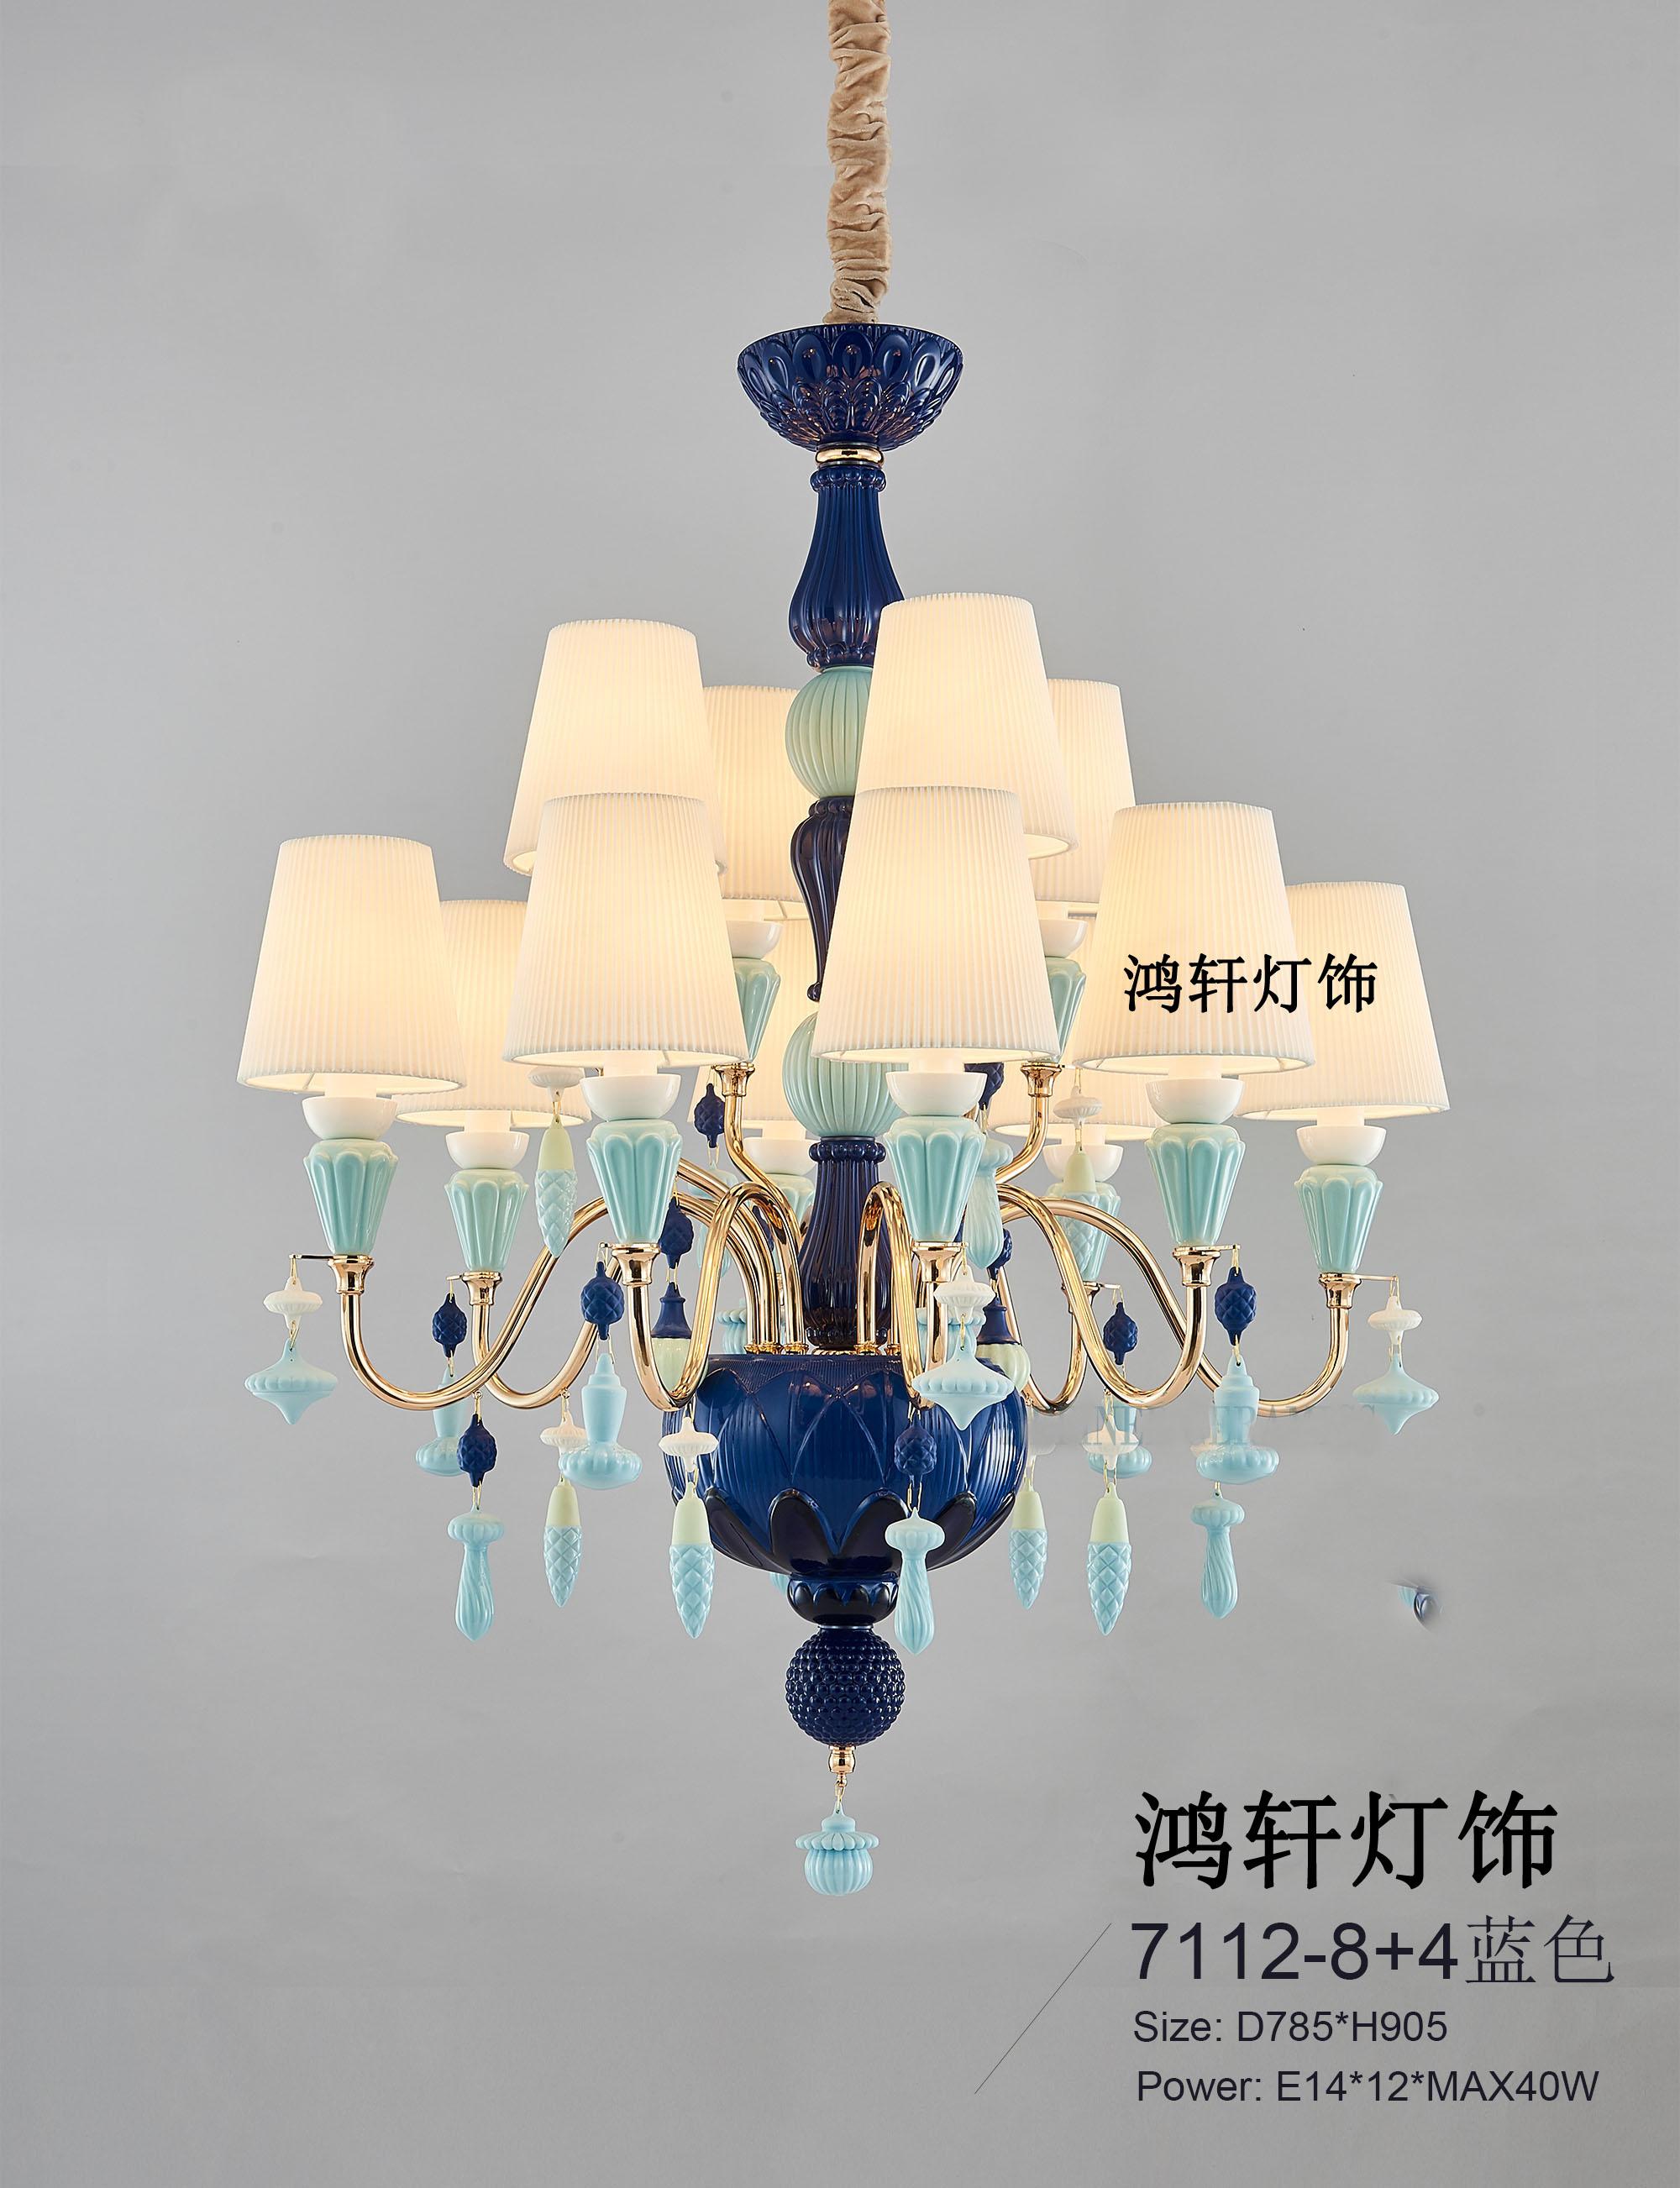 客厅卧室灯田园灯具铁艺陶瓷吊灯法式陶瓷吊灯图片